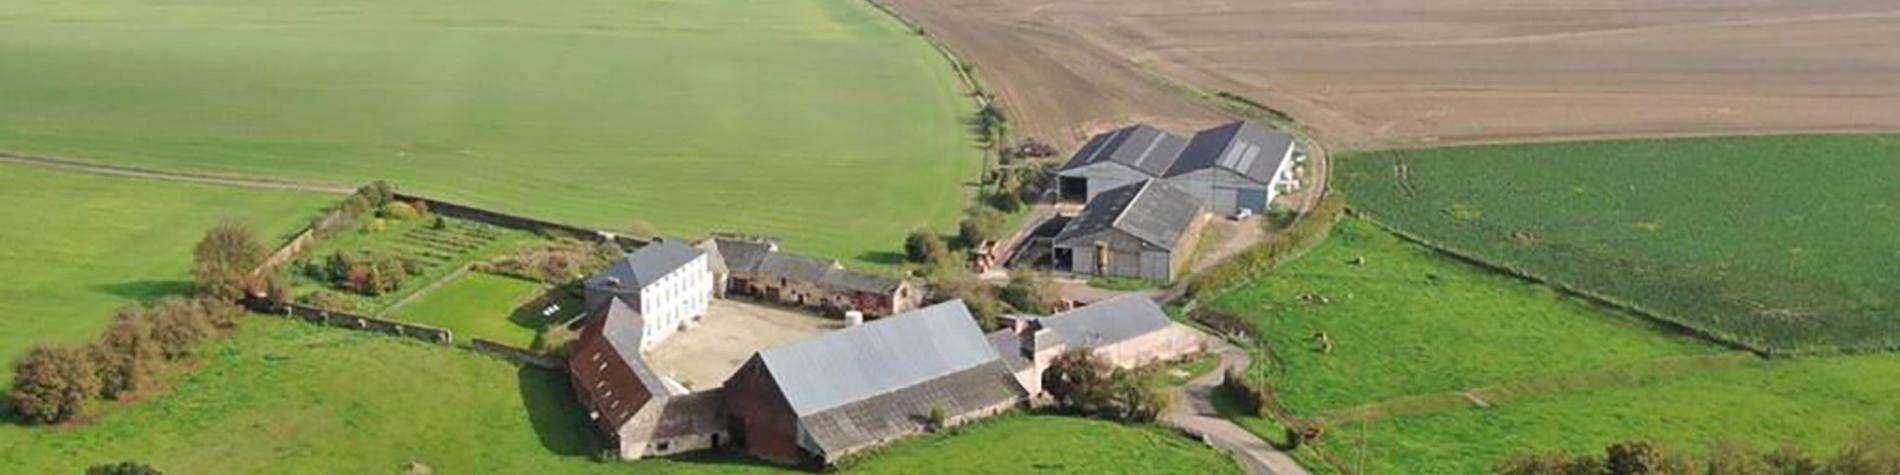 Gîte à la ferme du Passavant - Genappe - ancienne ferme